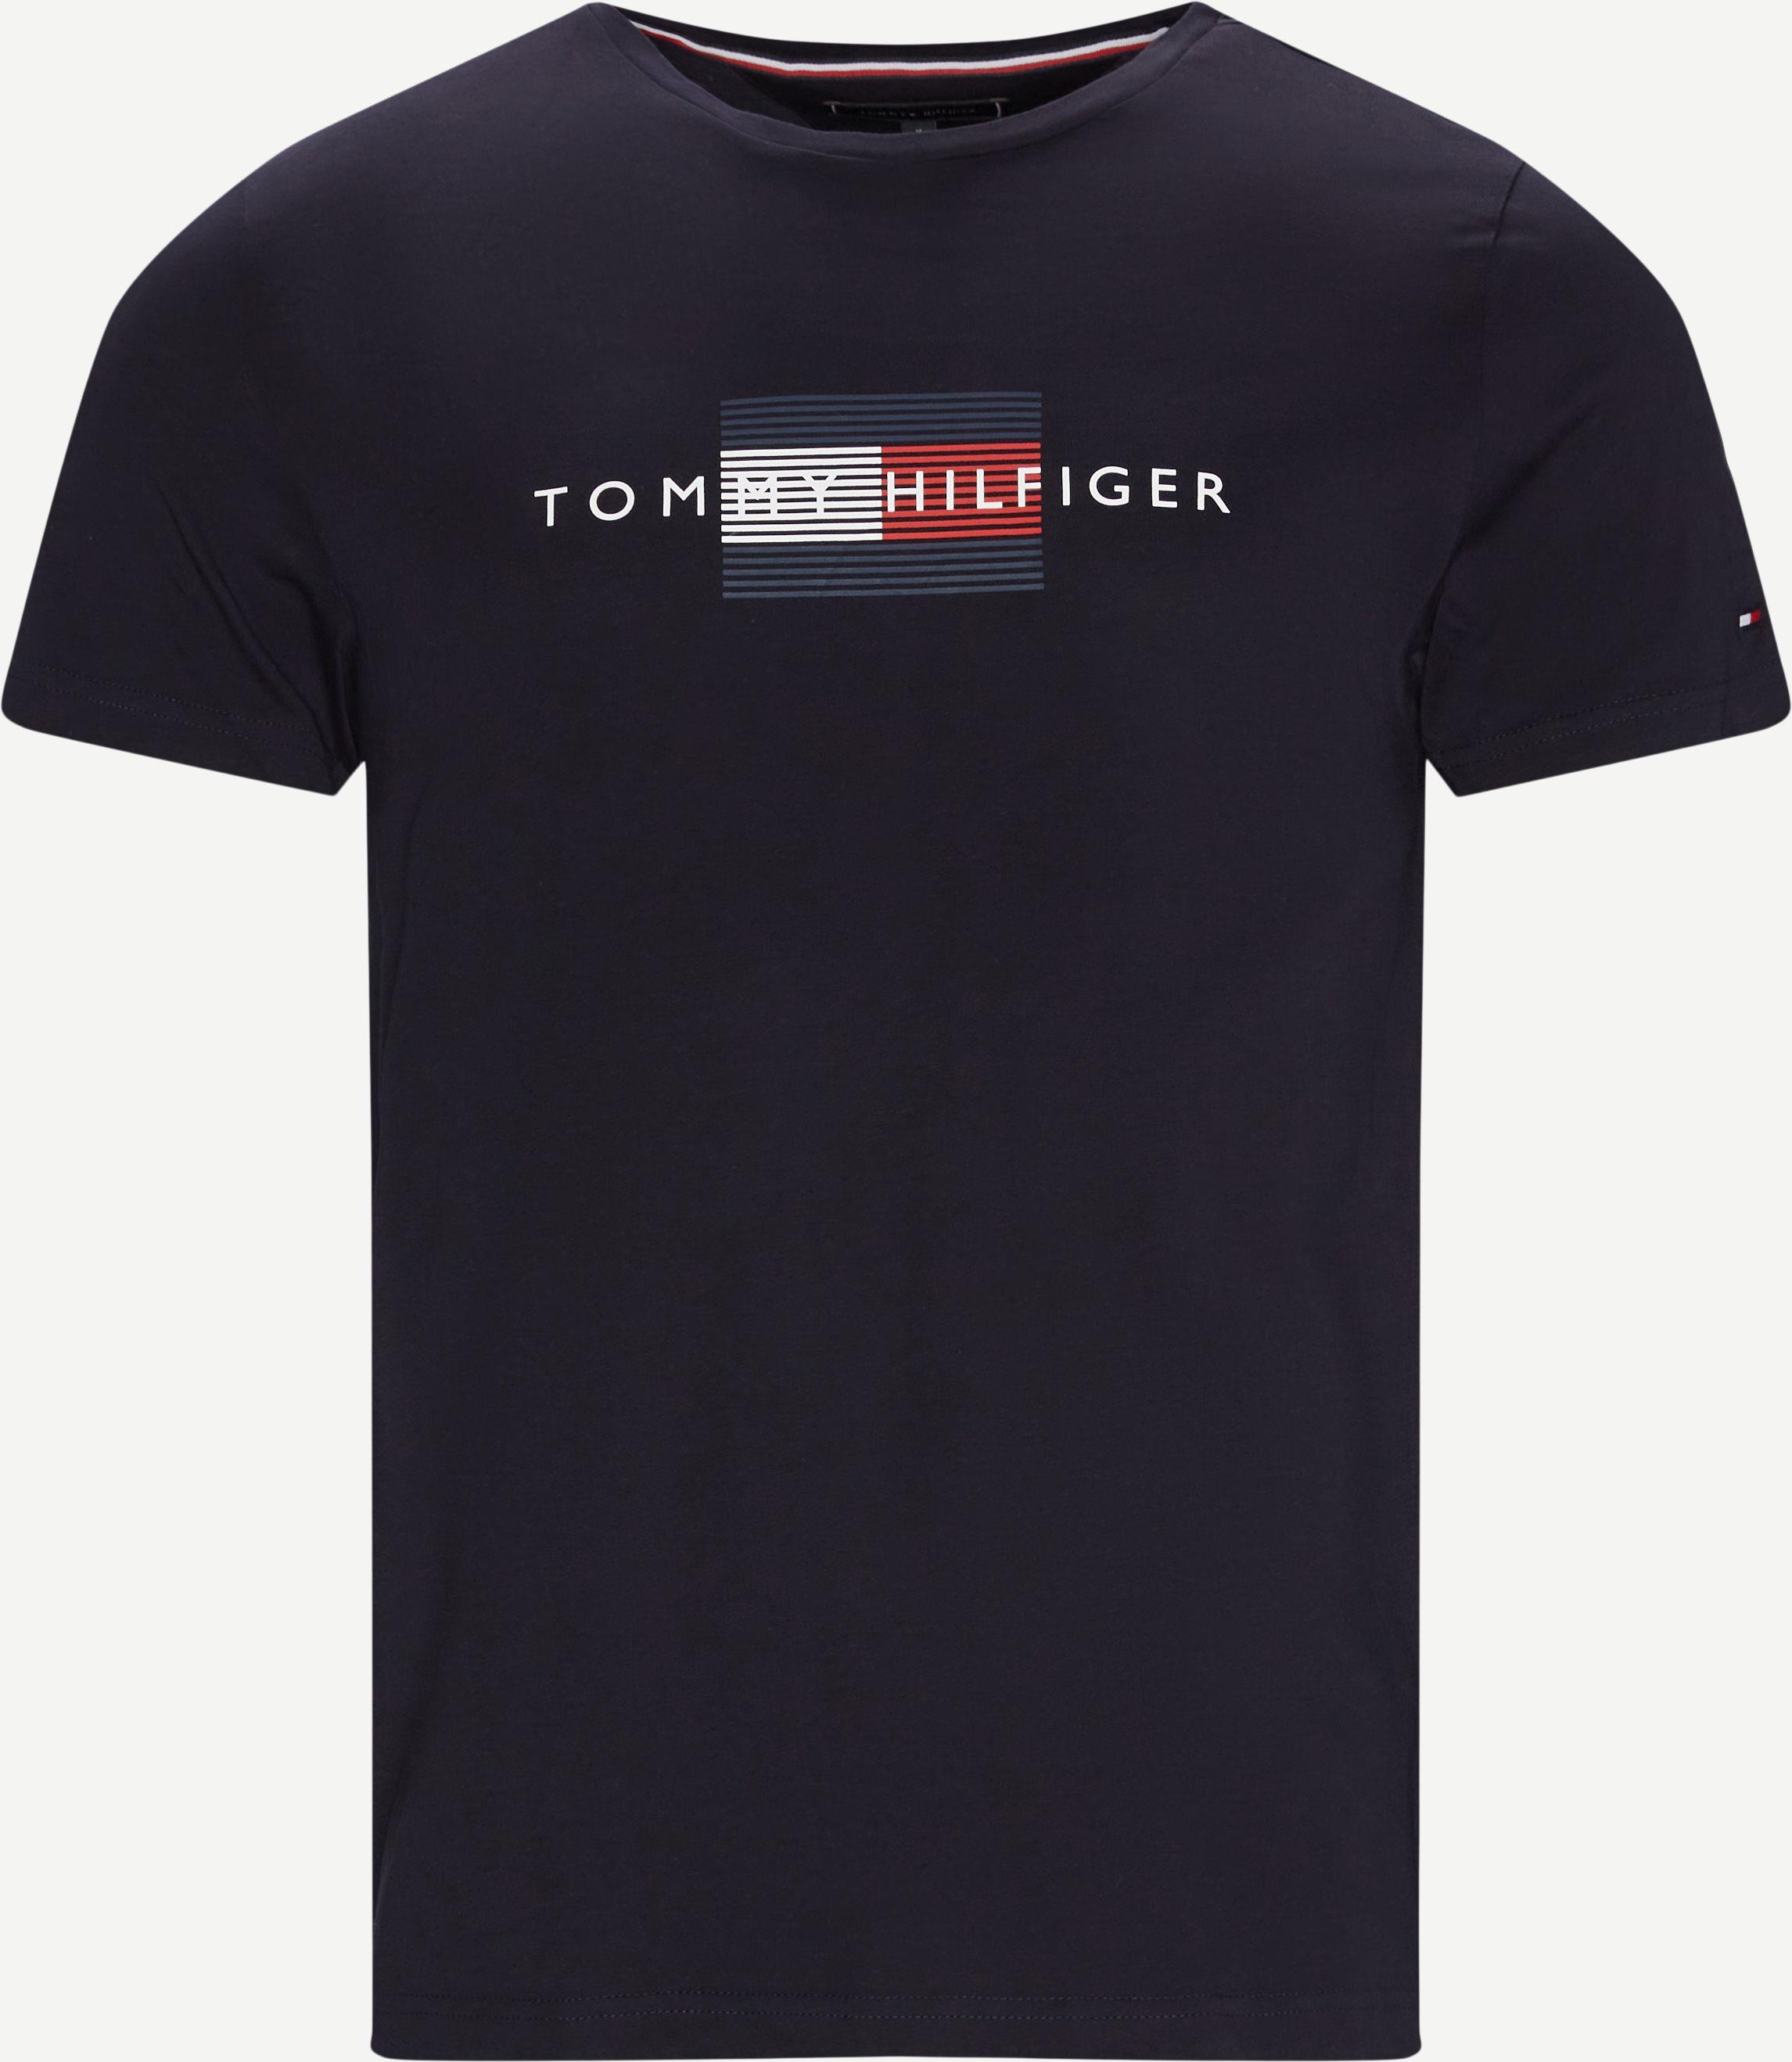 T-shirts - Regular fit - Blå